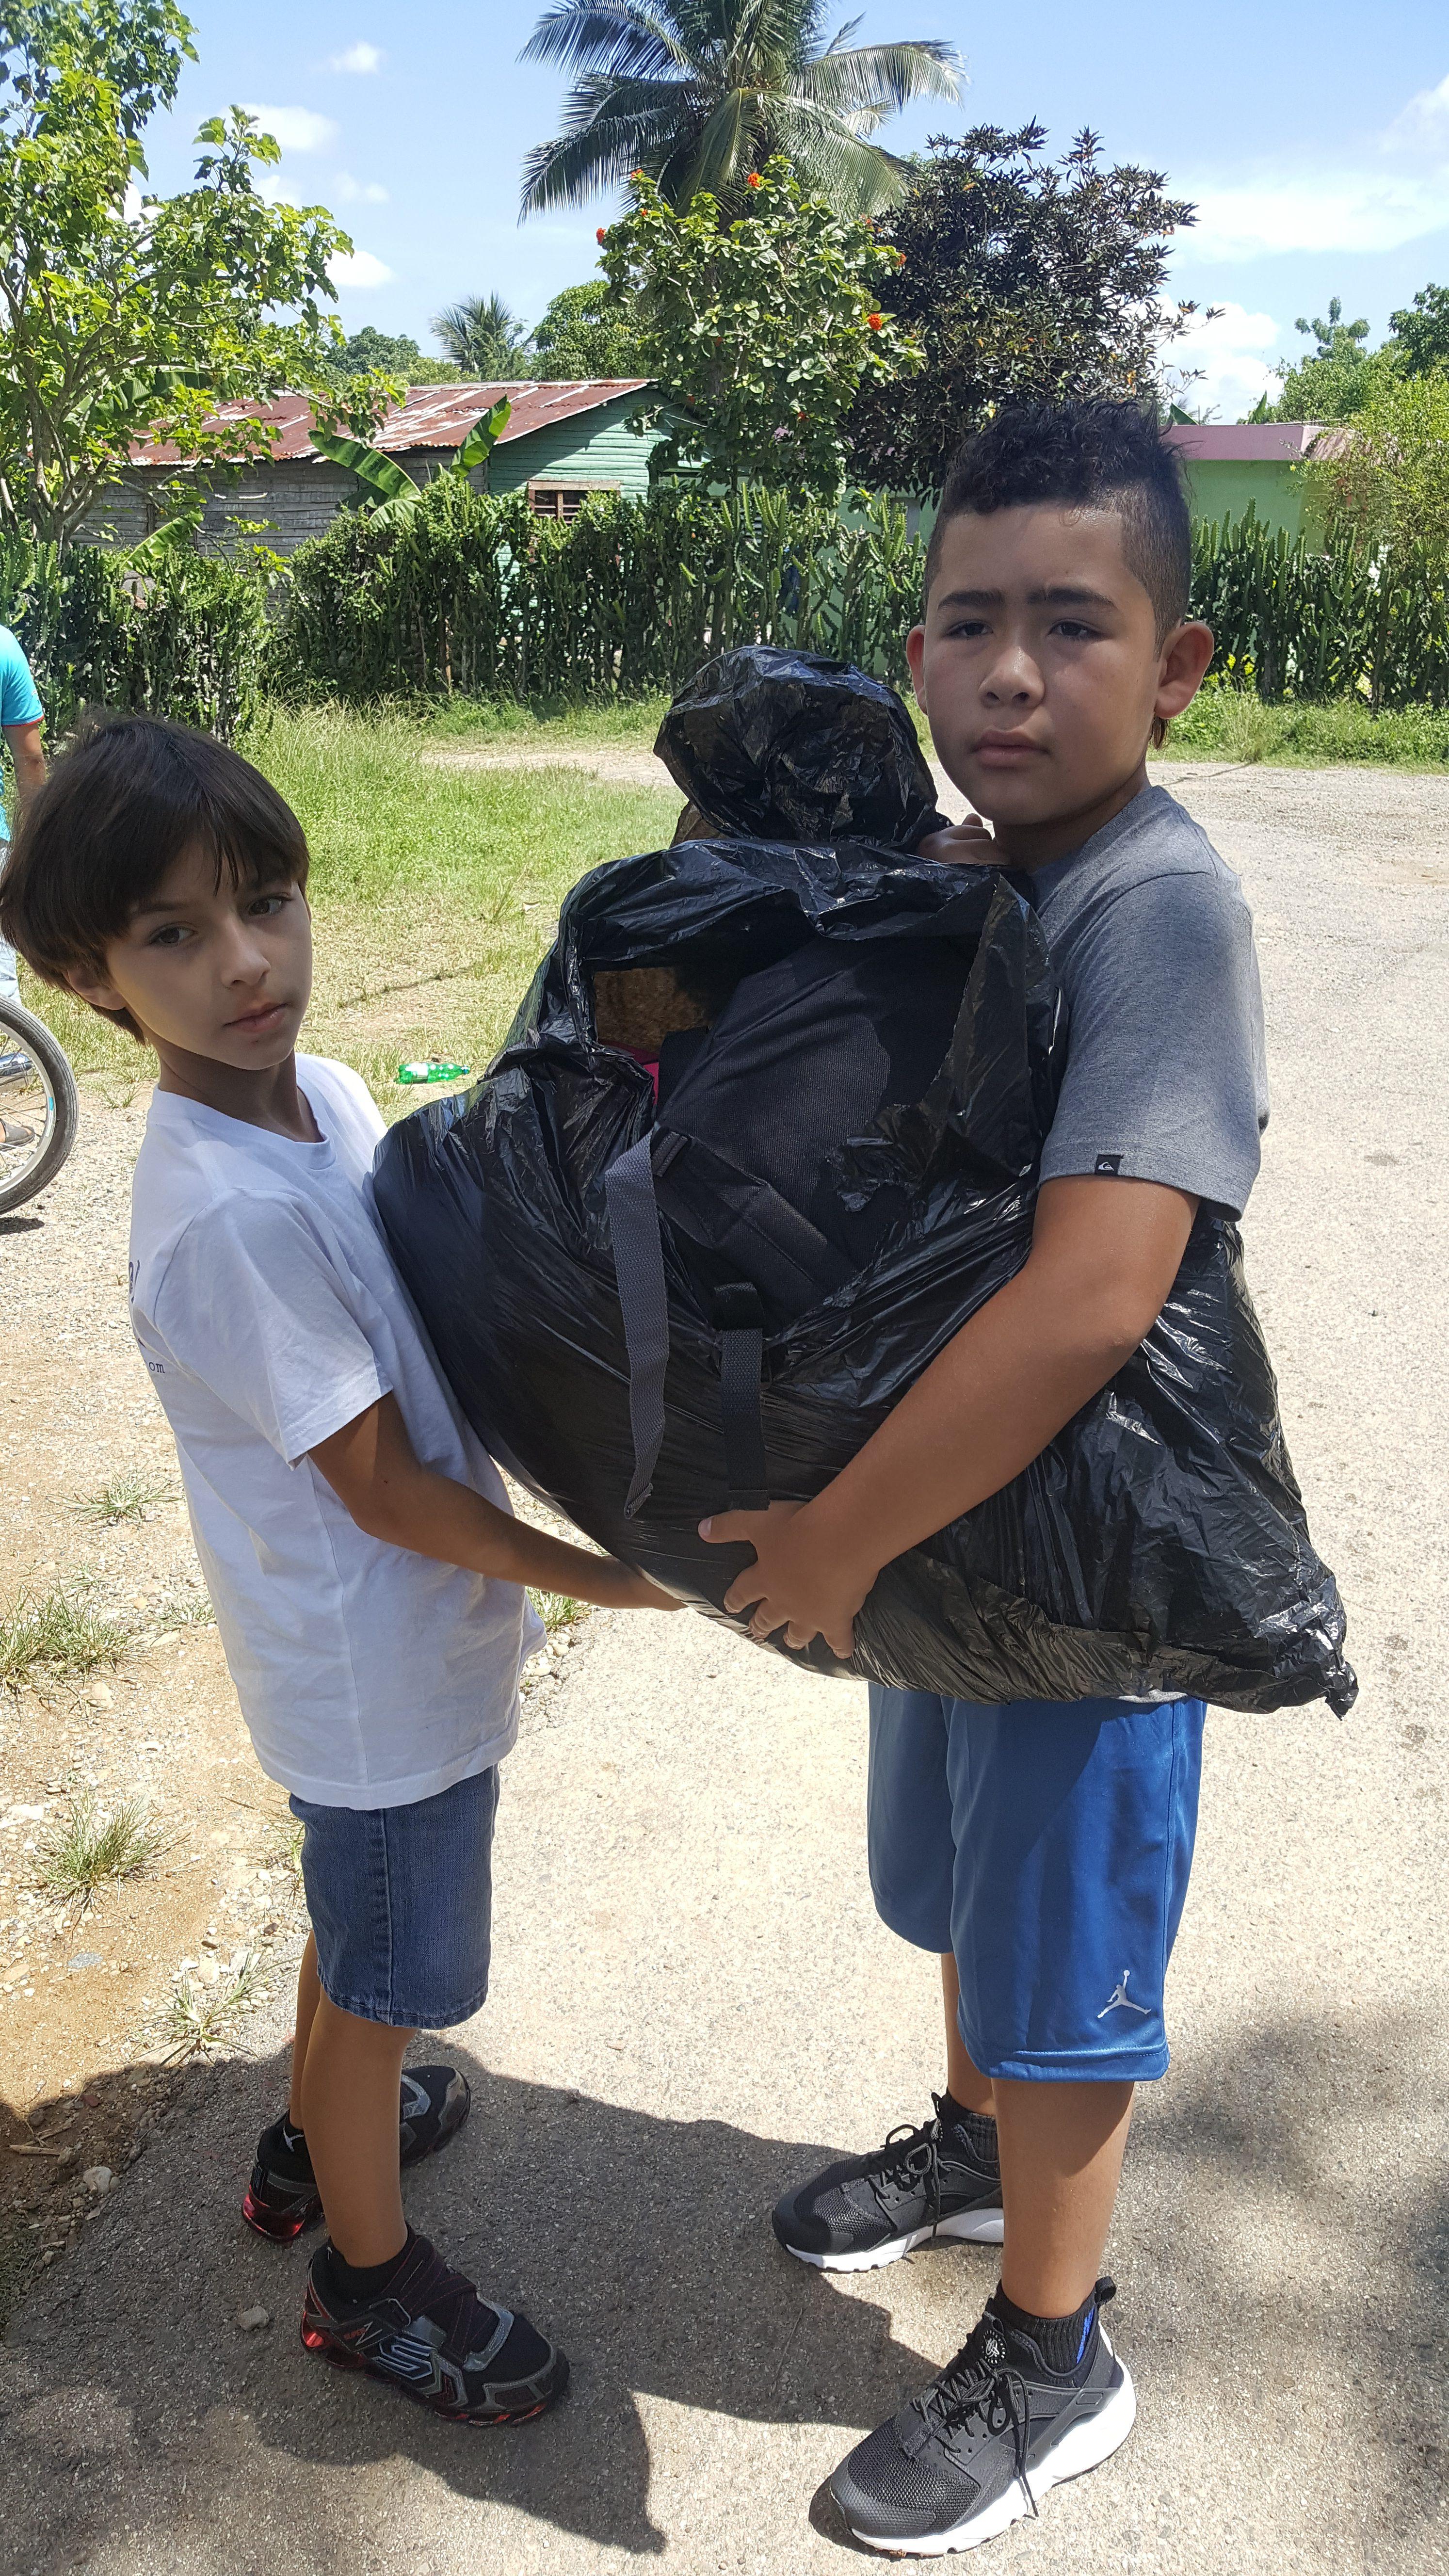 children holding bag